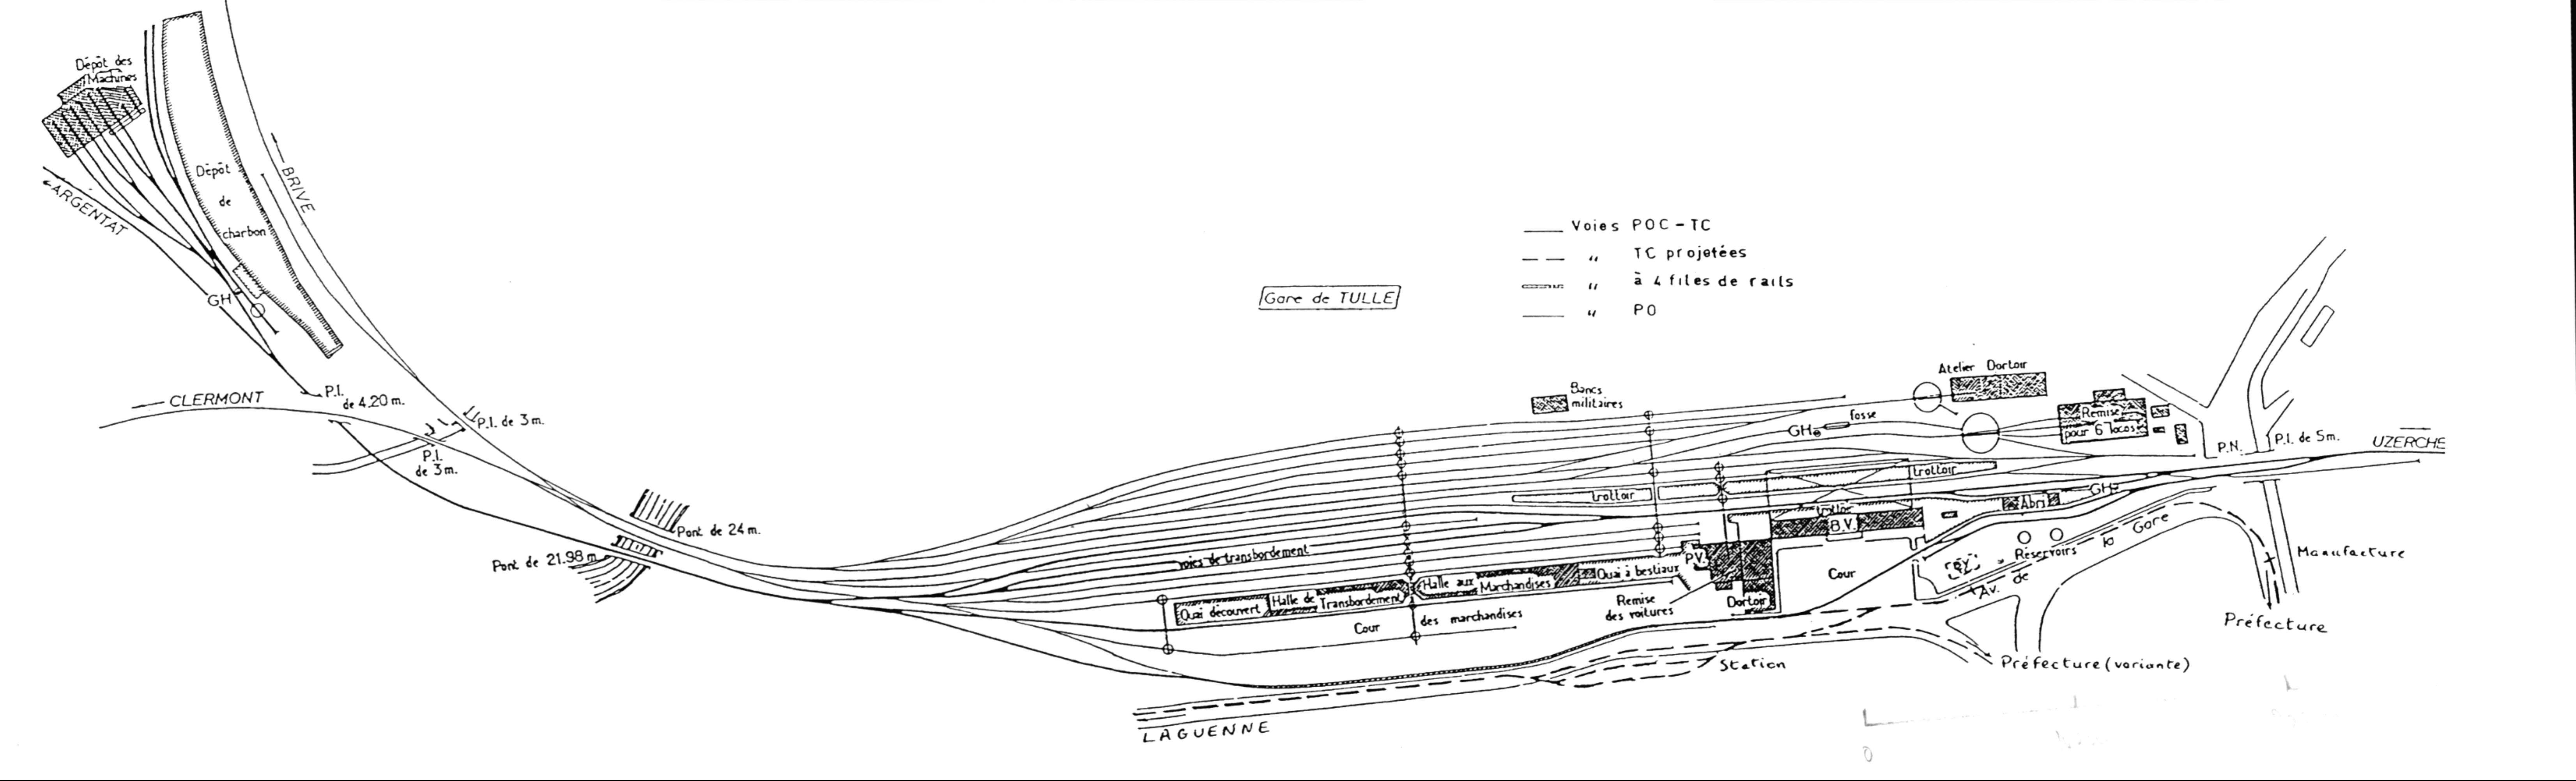 des grands et des petits trains plan de masse et plan de voies. Black Bedroom Furniture Sets. Home Design Ideas